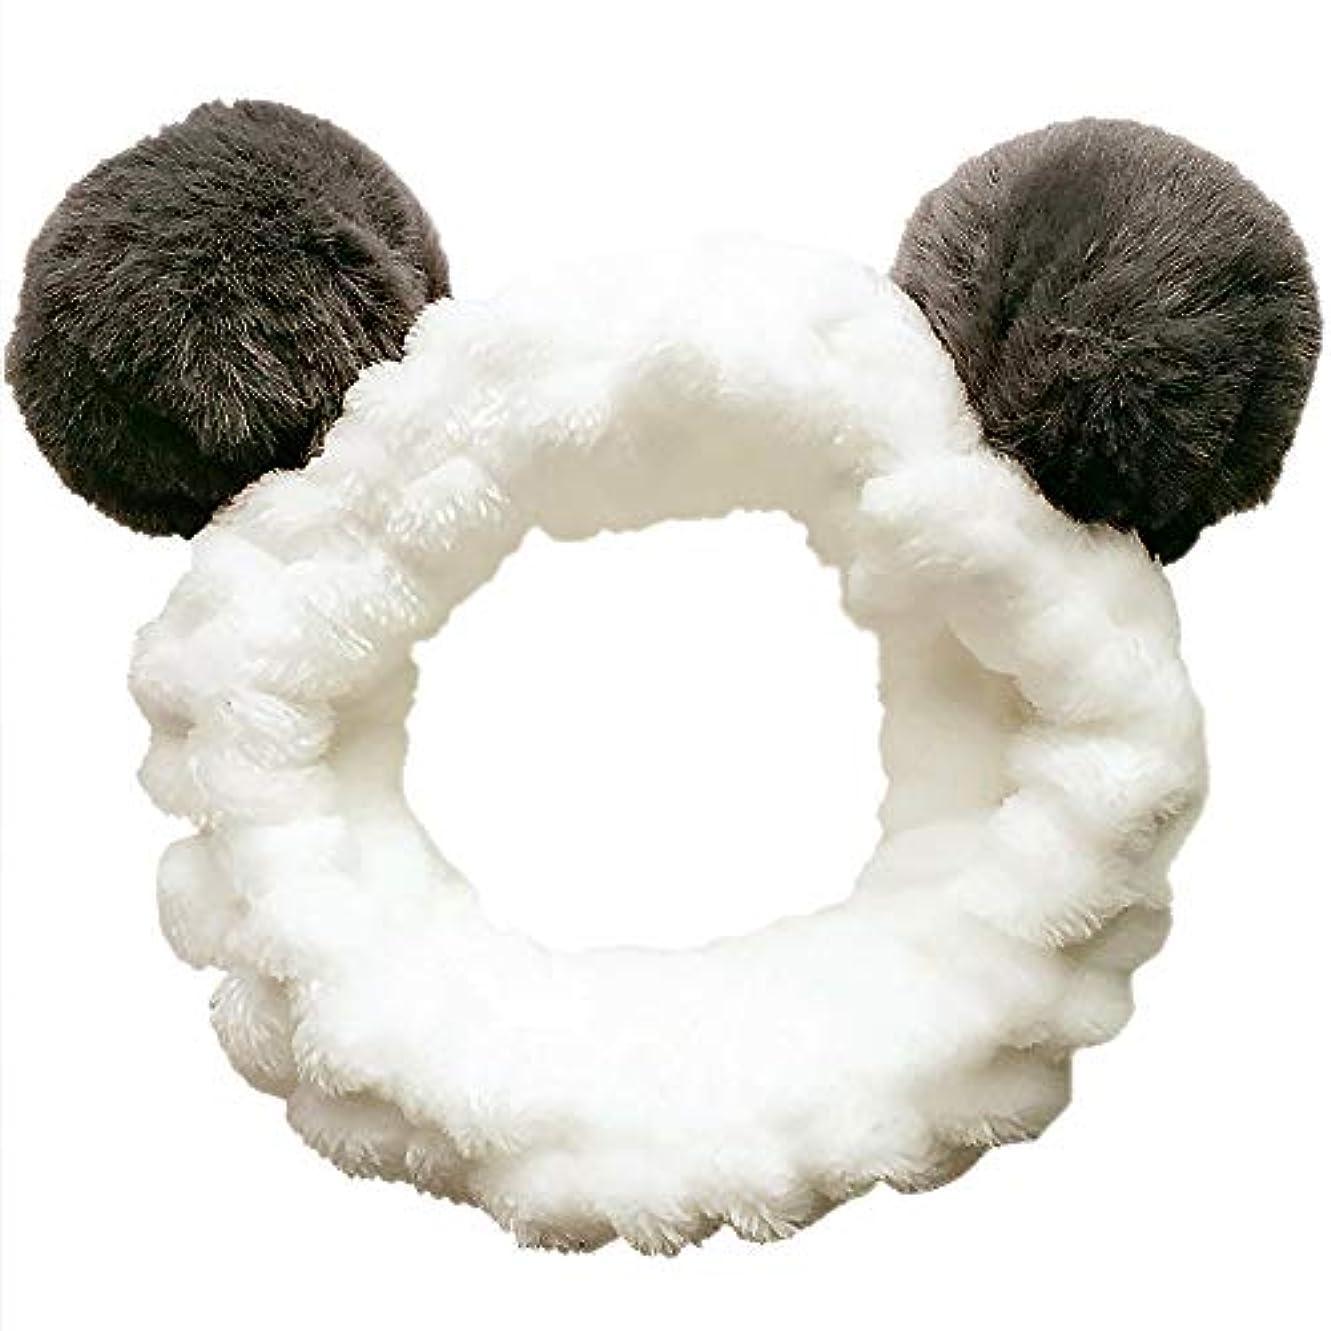 起きる増強説教するヘアバンド 洗顔 動物 パンダ型 柔らかい 吸水 ターバン レディース ヘアアレンジ 伸縮性あり アニマル ふわふわ